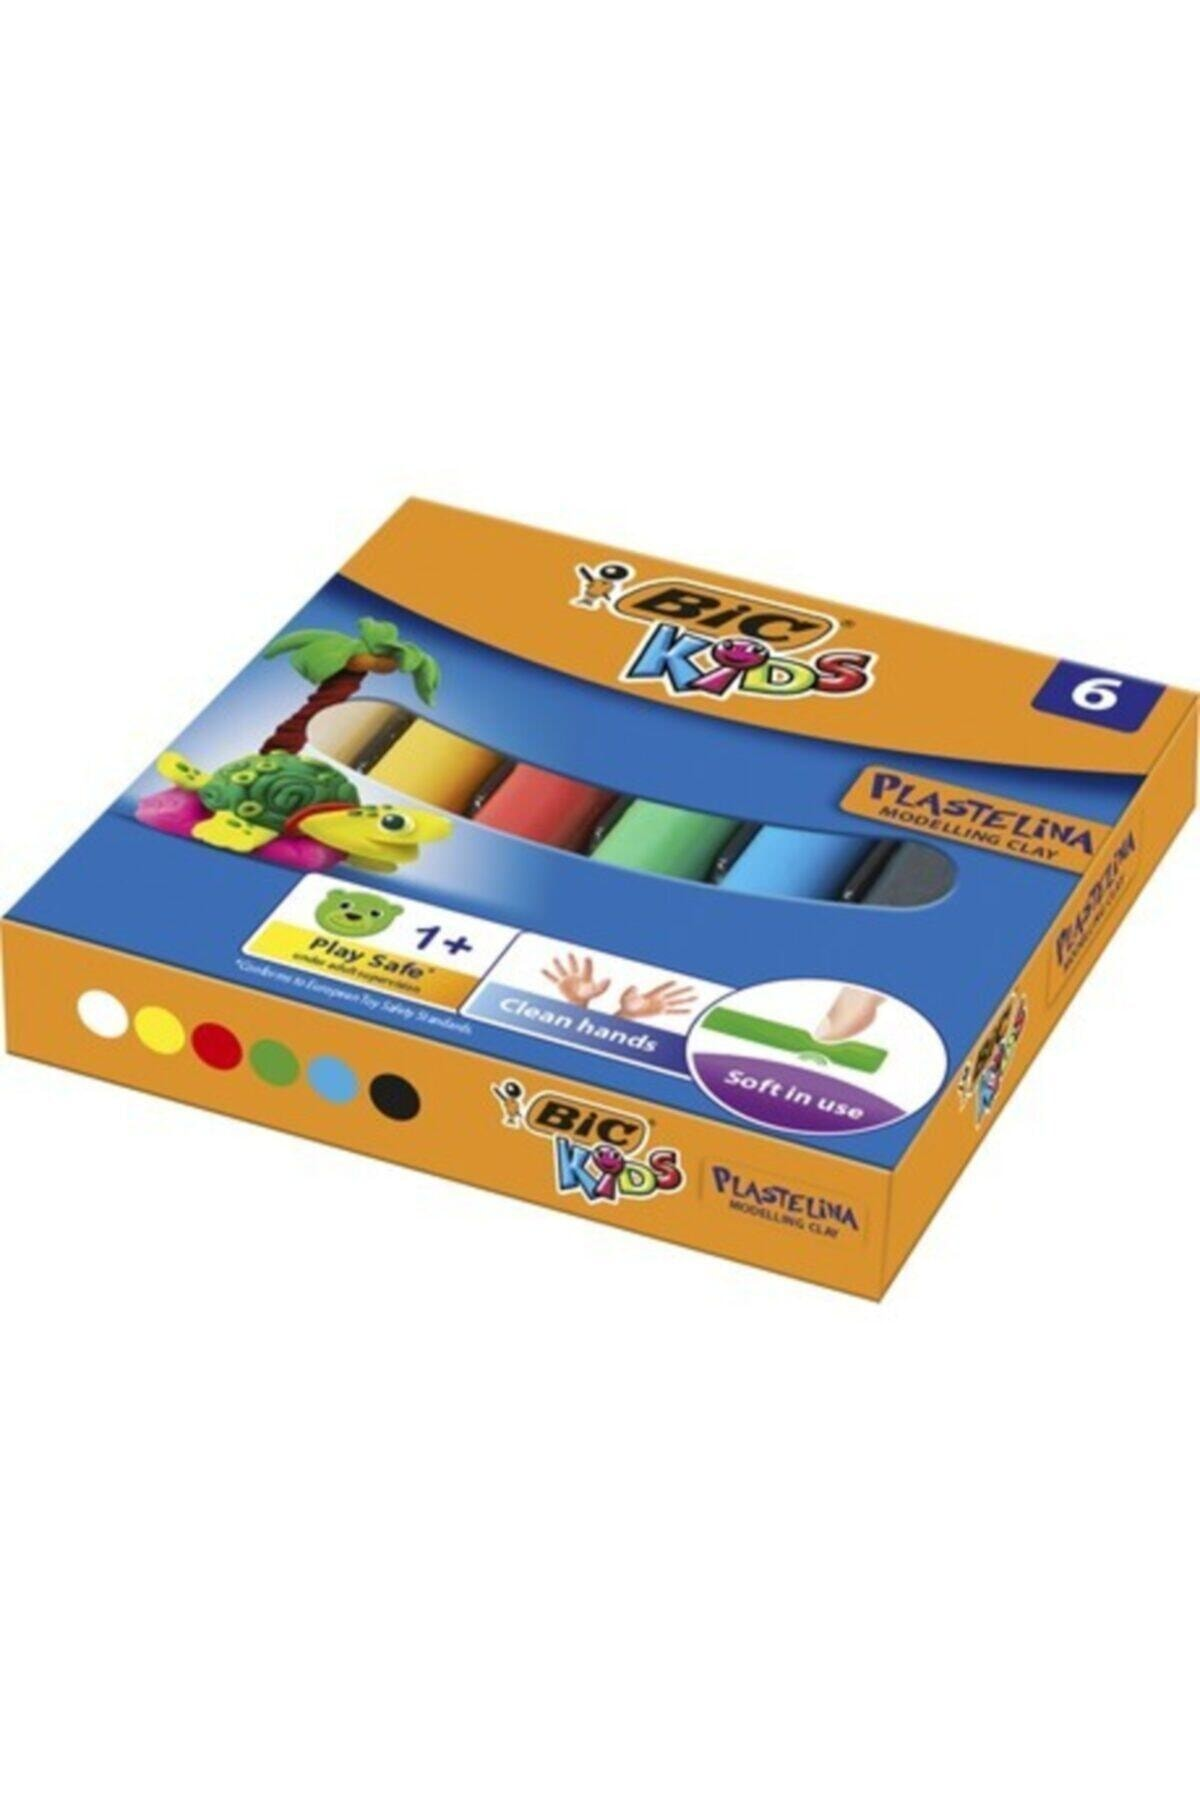 Bic Plastelina Kurumayan Oyun Hamuru 6 Renk 1